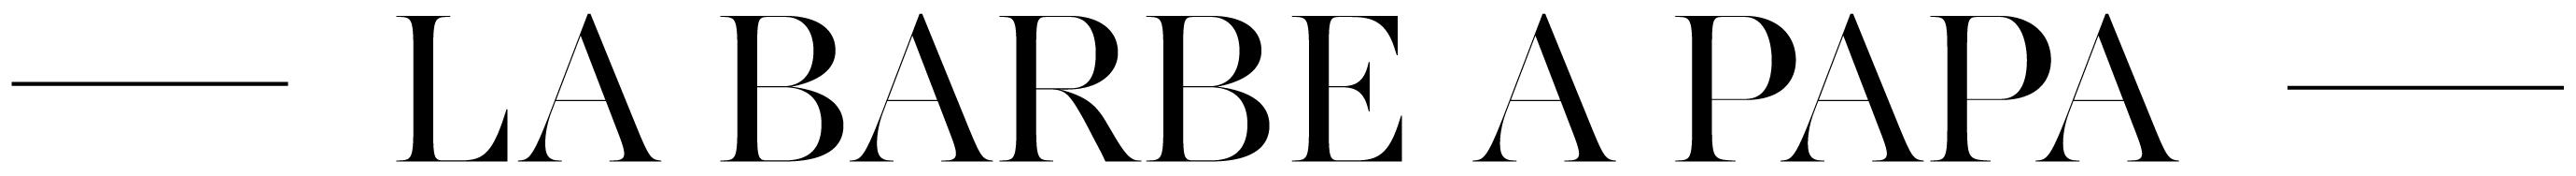 La Barbe A Papa - Le blog barbe qu'il vous manquait !